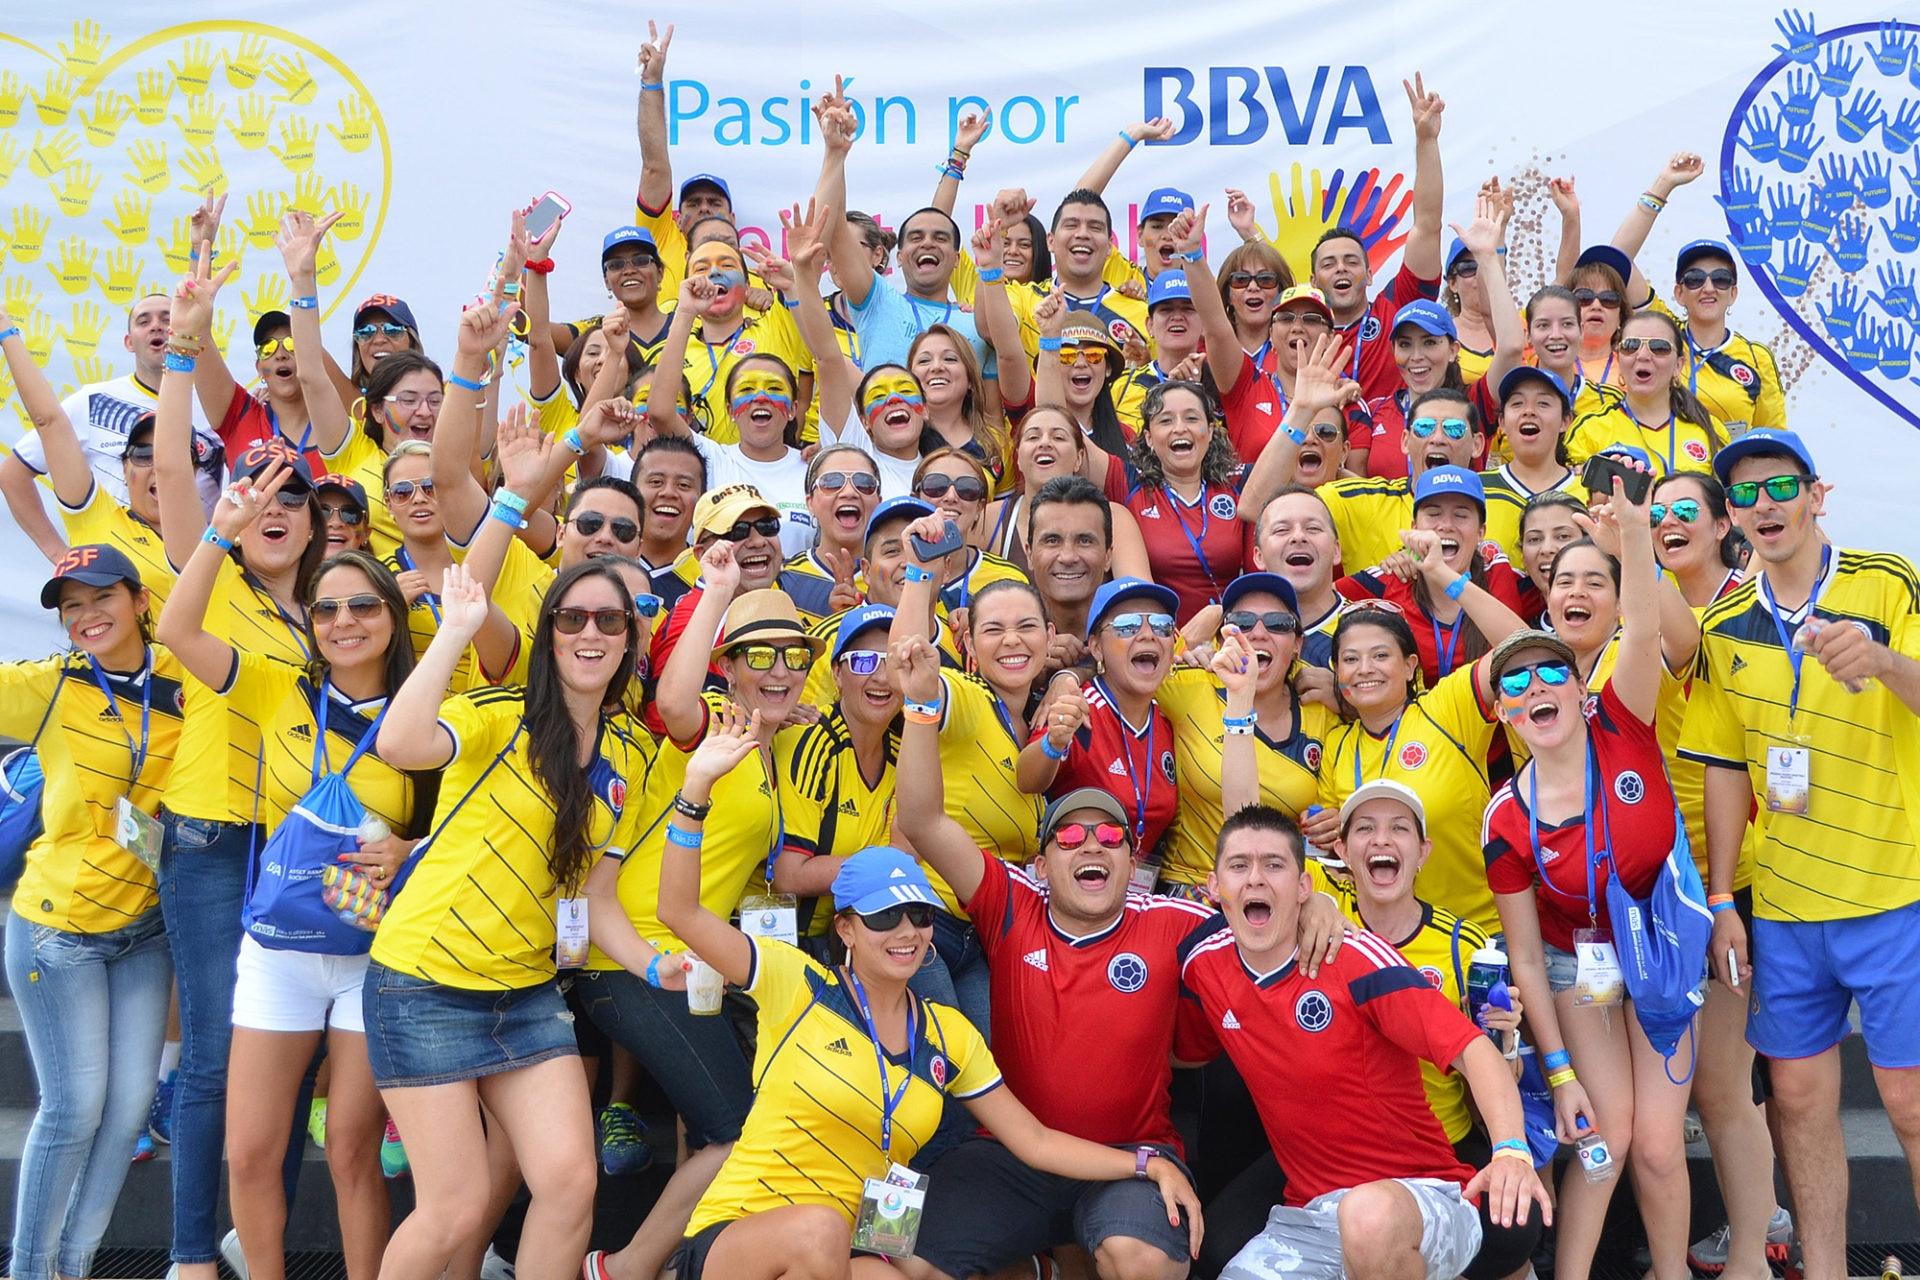 Fotografía de colaboradores de BBVA Colombia celebrando en los Juegos Nacionales 2014